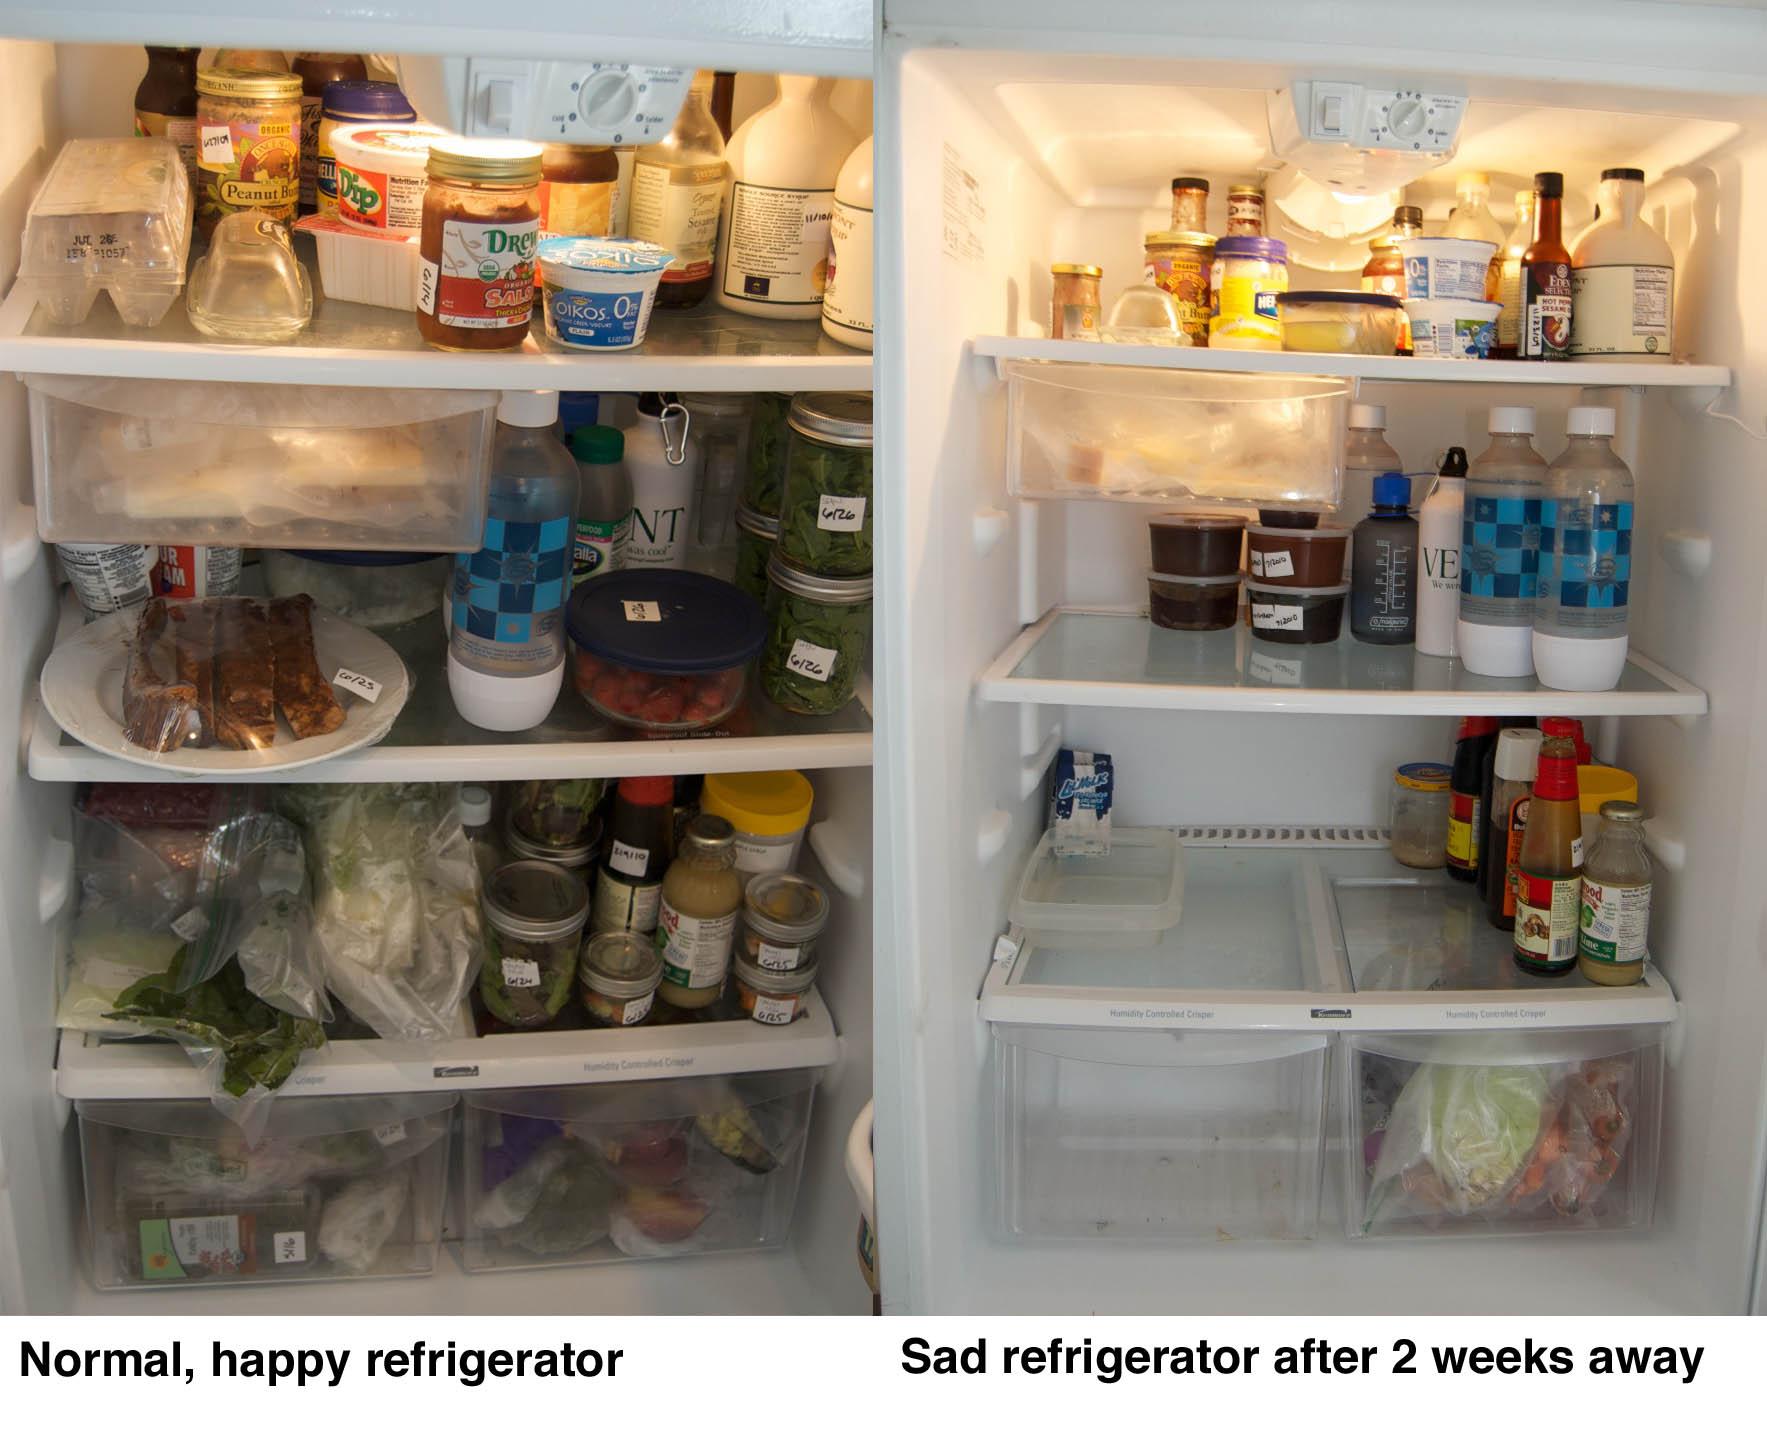 http://blog.rickk.com/food/2010/09/07/refrigerator.jpg